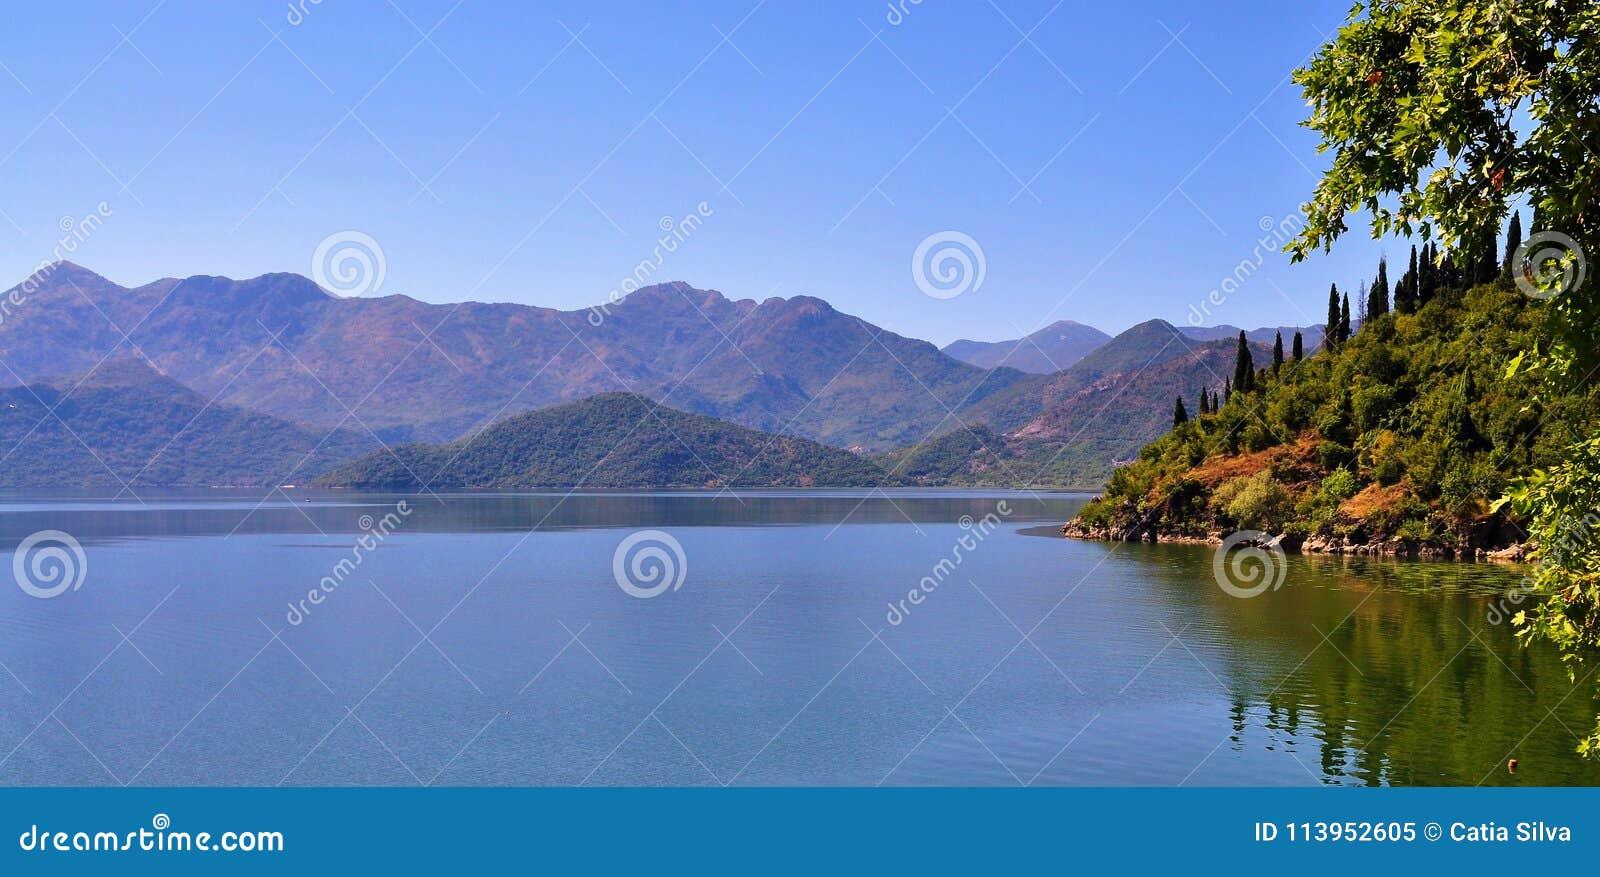 Die Berge und der See - See Skadar